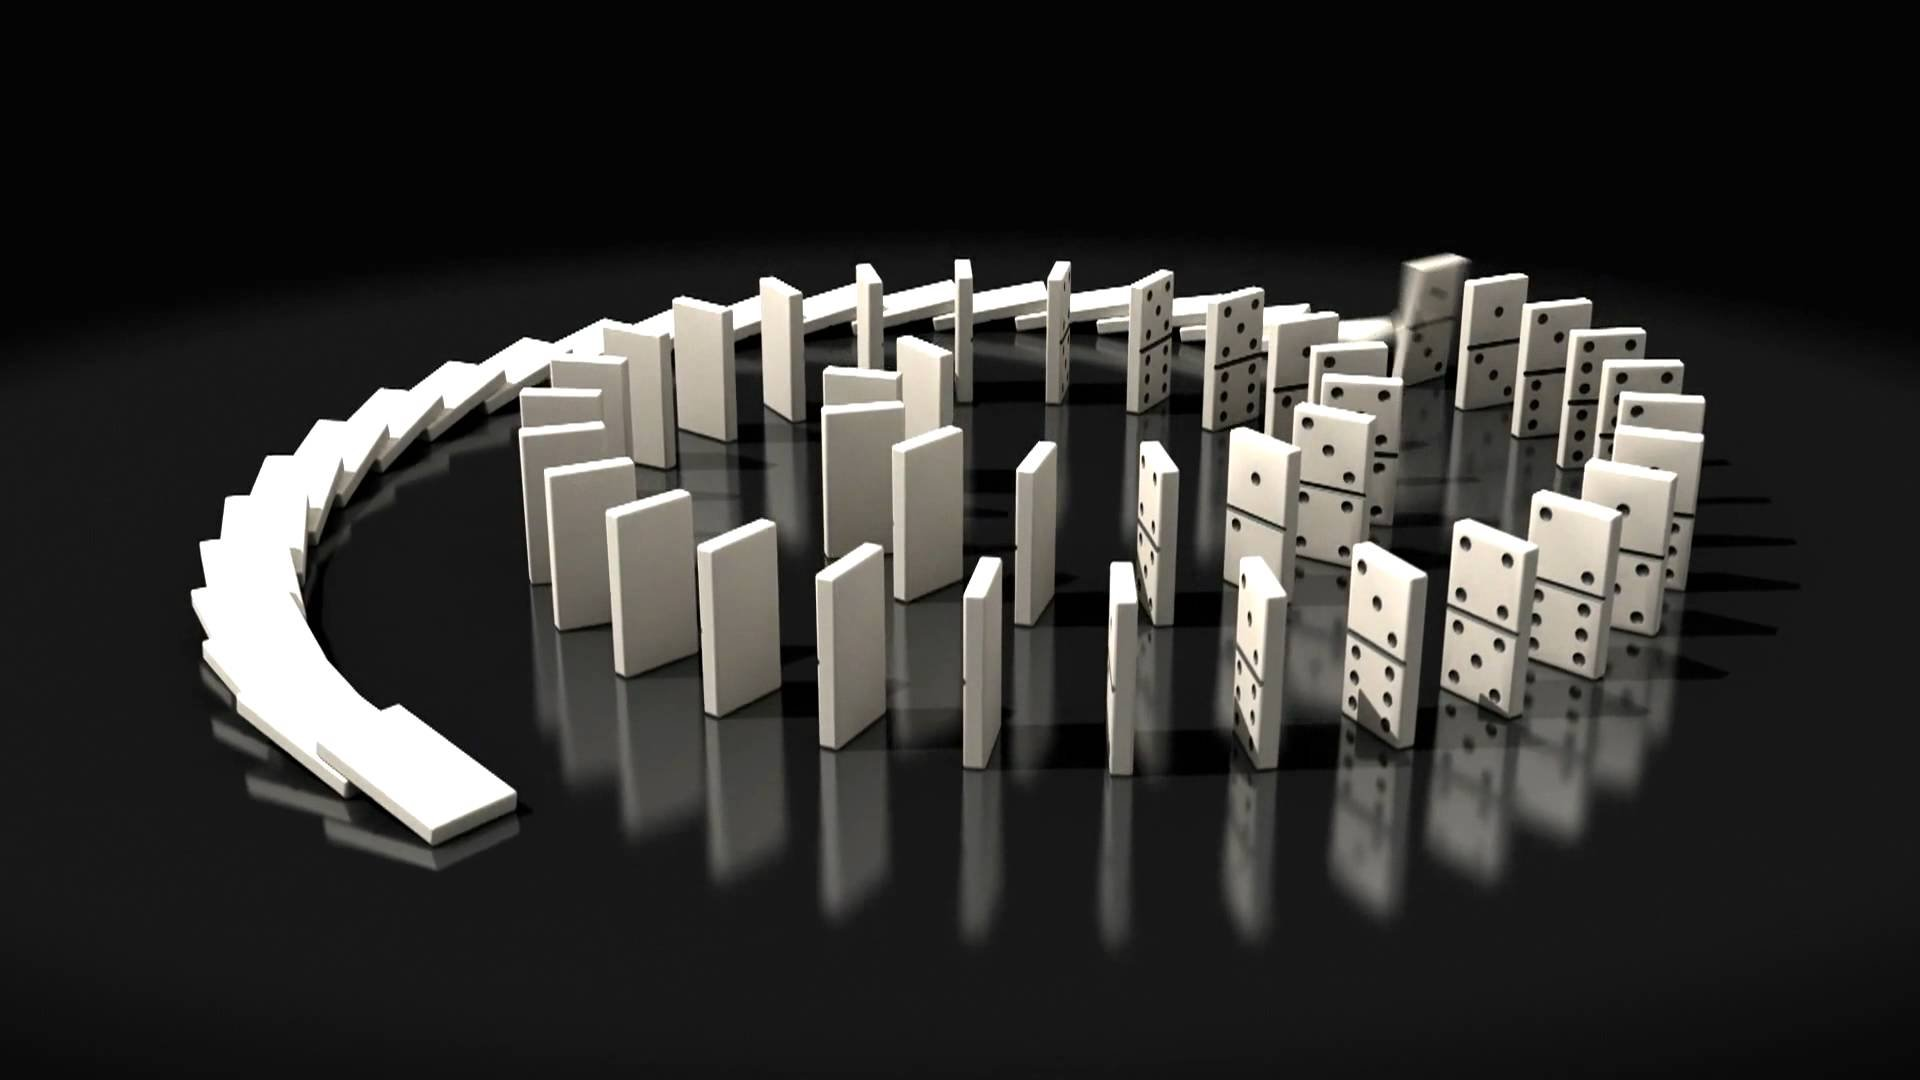 Dominoes Falling Wallpaper Dominoes Game Wallpaper 1920x1080 433967 Wallpaperup